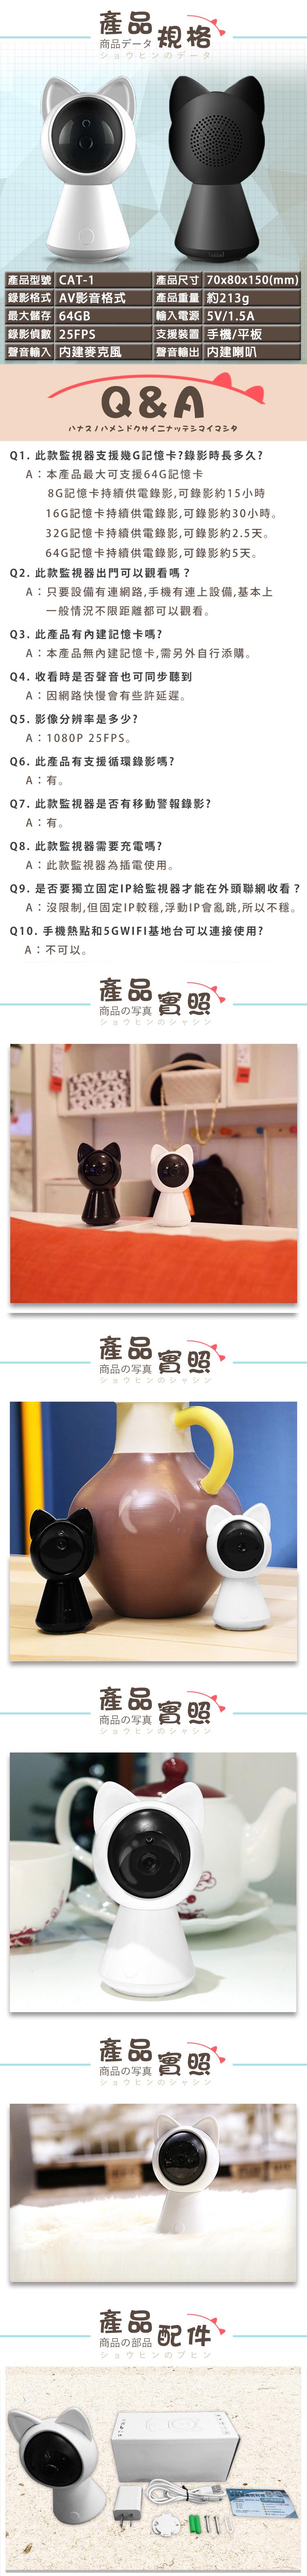 【高階版】御守貓真1080P無線網路智慧旋轉監視機-一本萬金